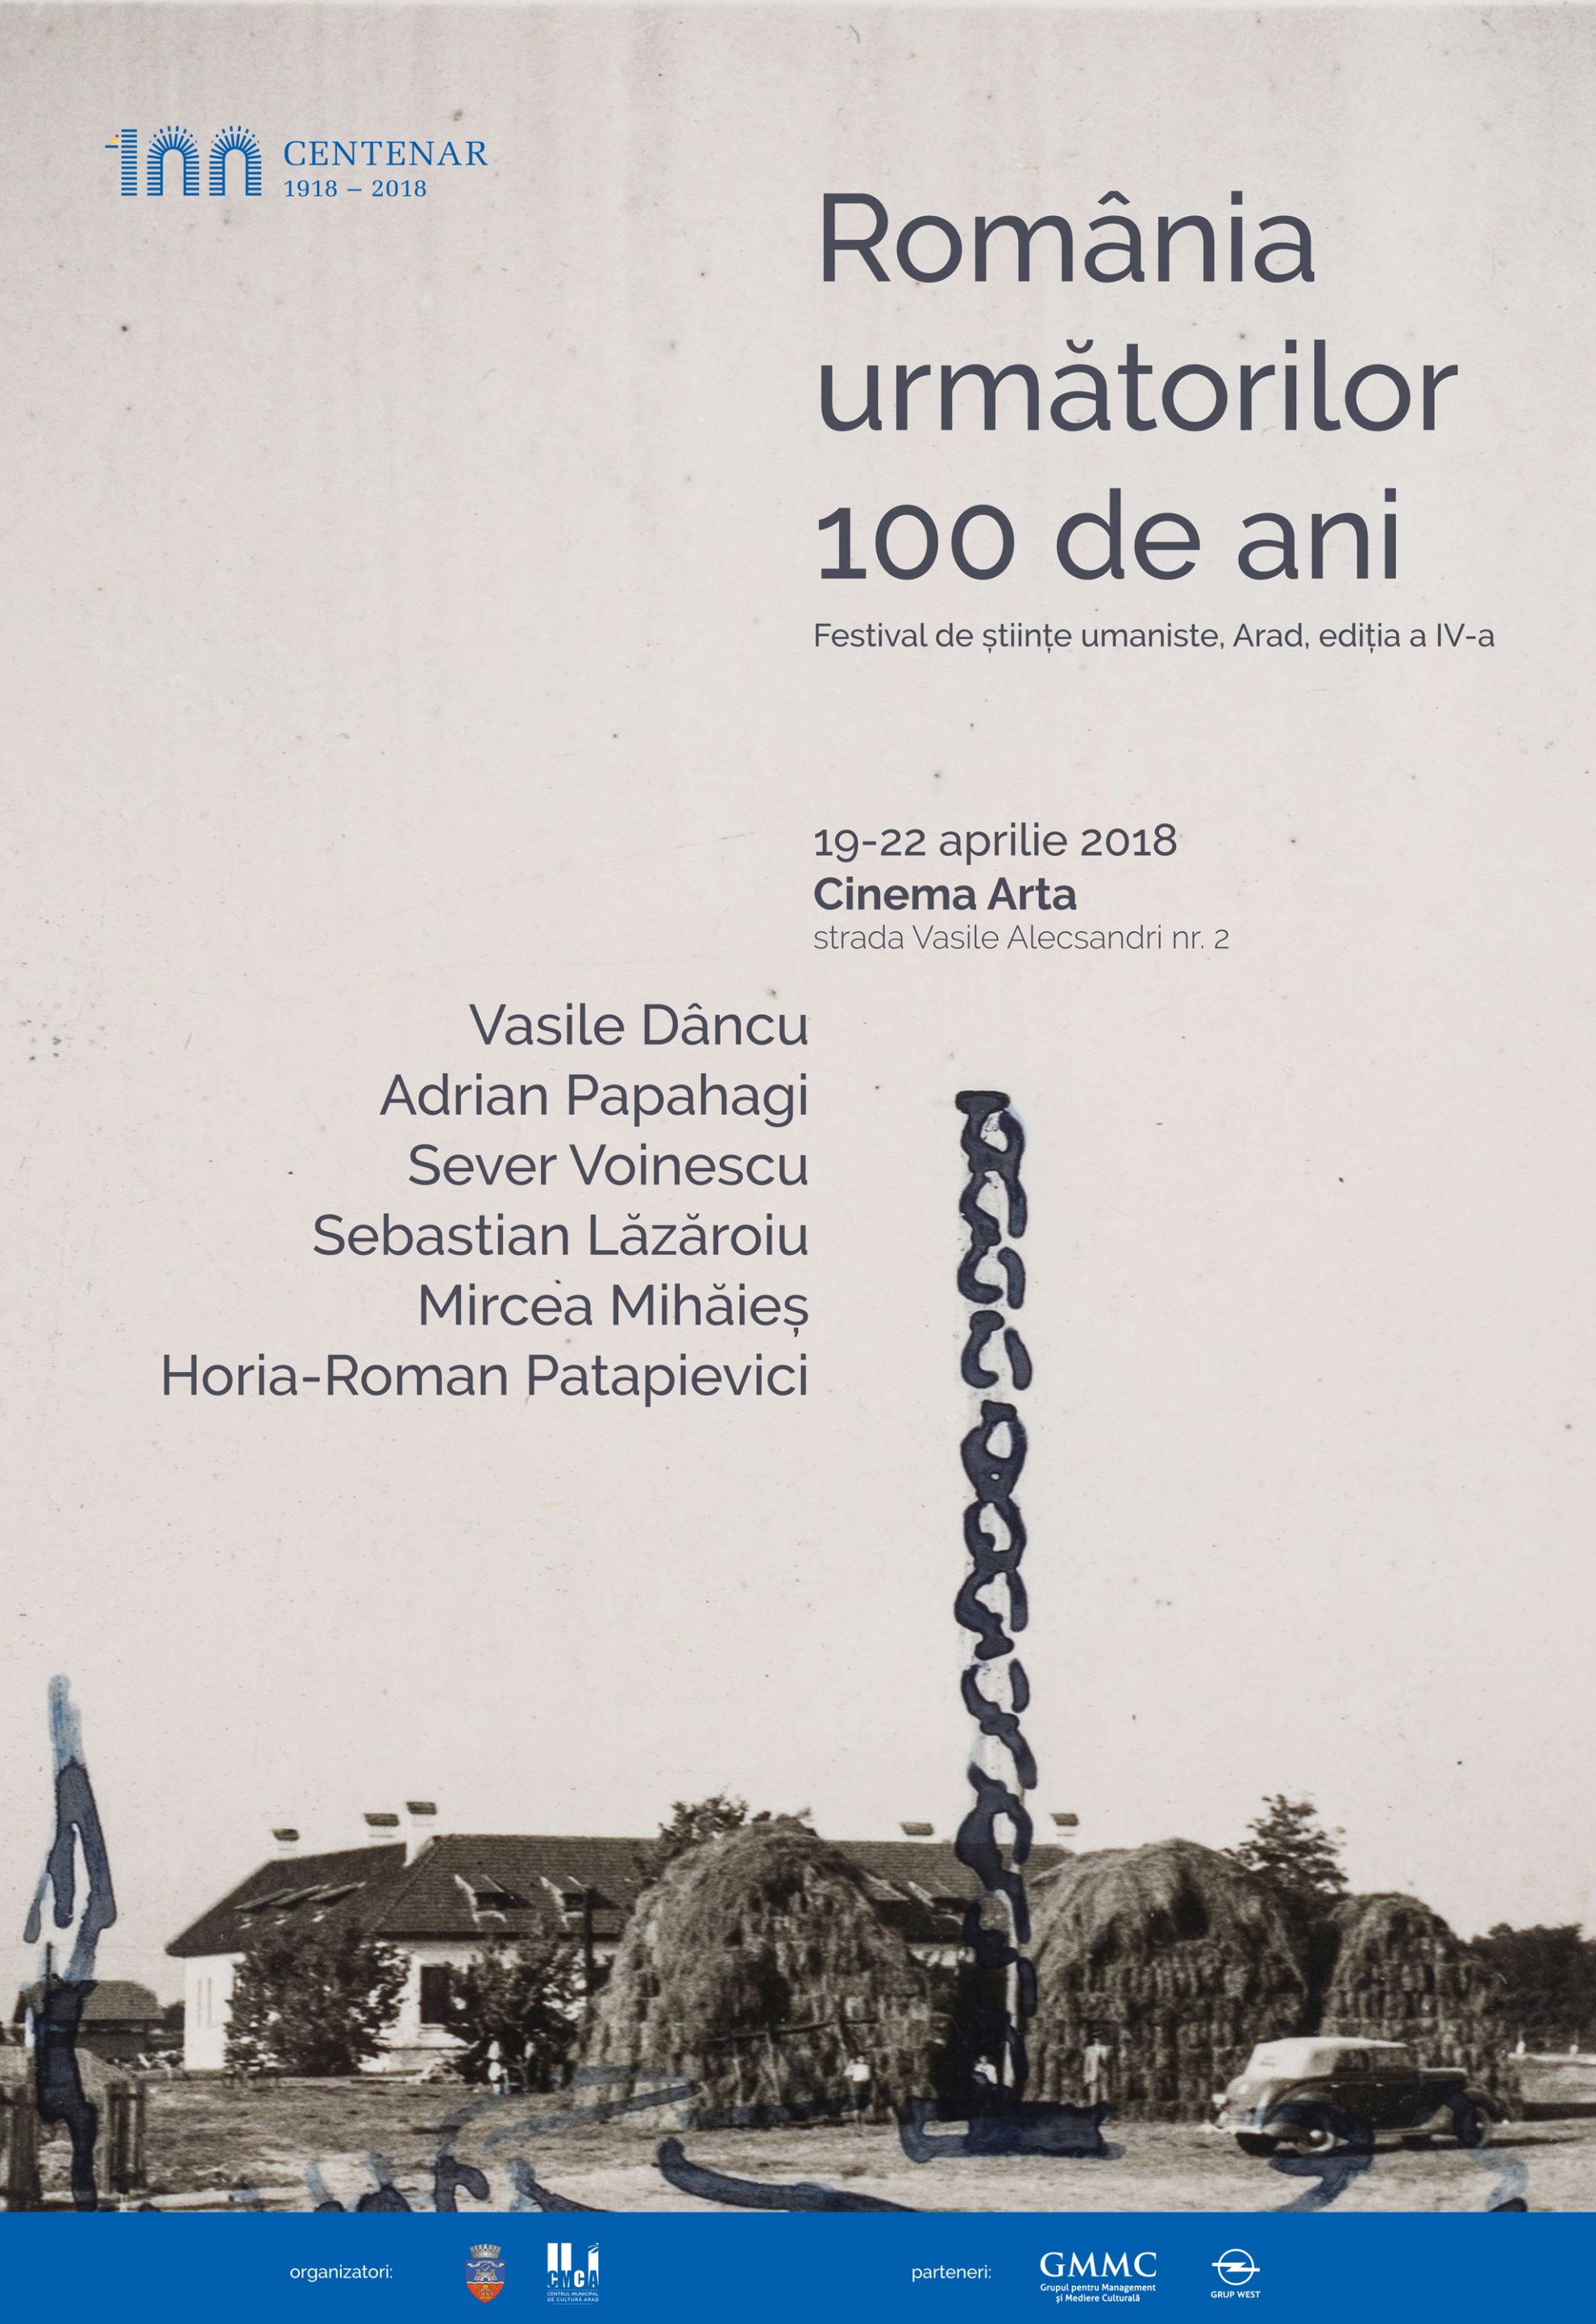 Festivalul de științe umaniste, ediția a IV-a, Arad, 19-21 aprilie 2018 - România următorilor 100 de ani